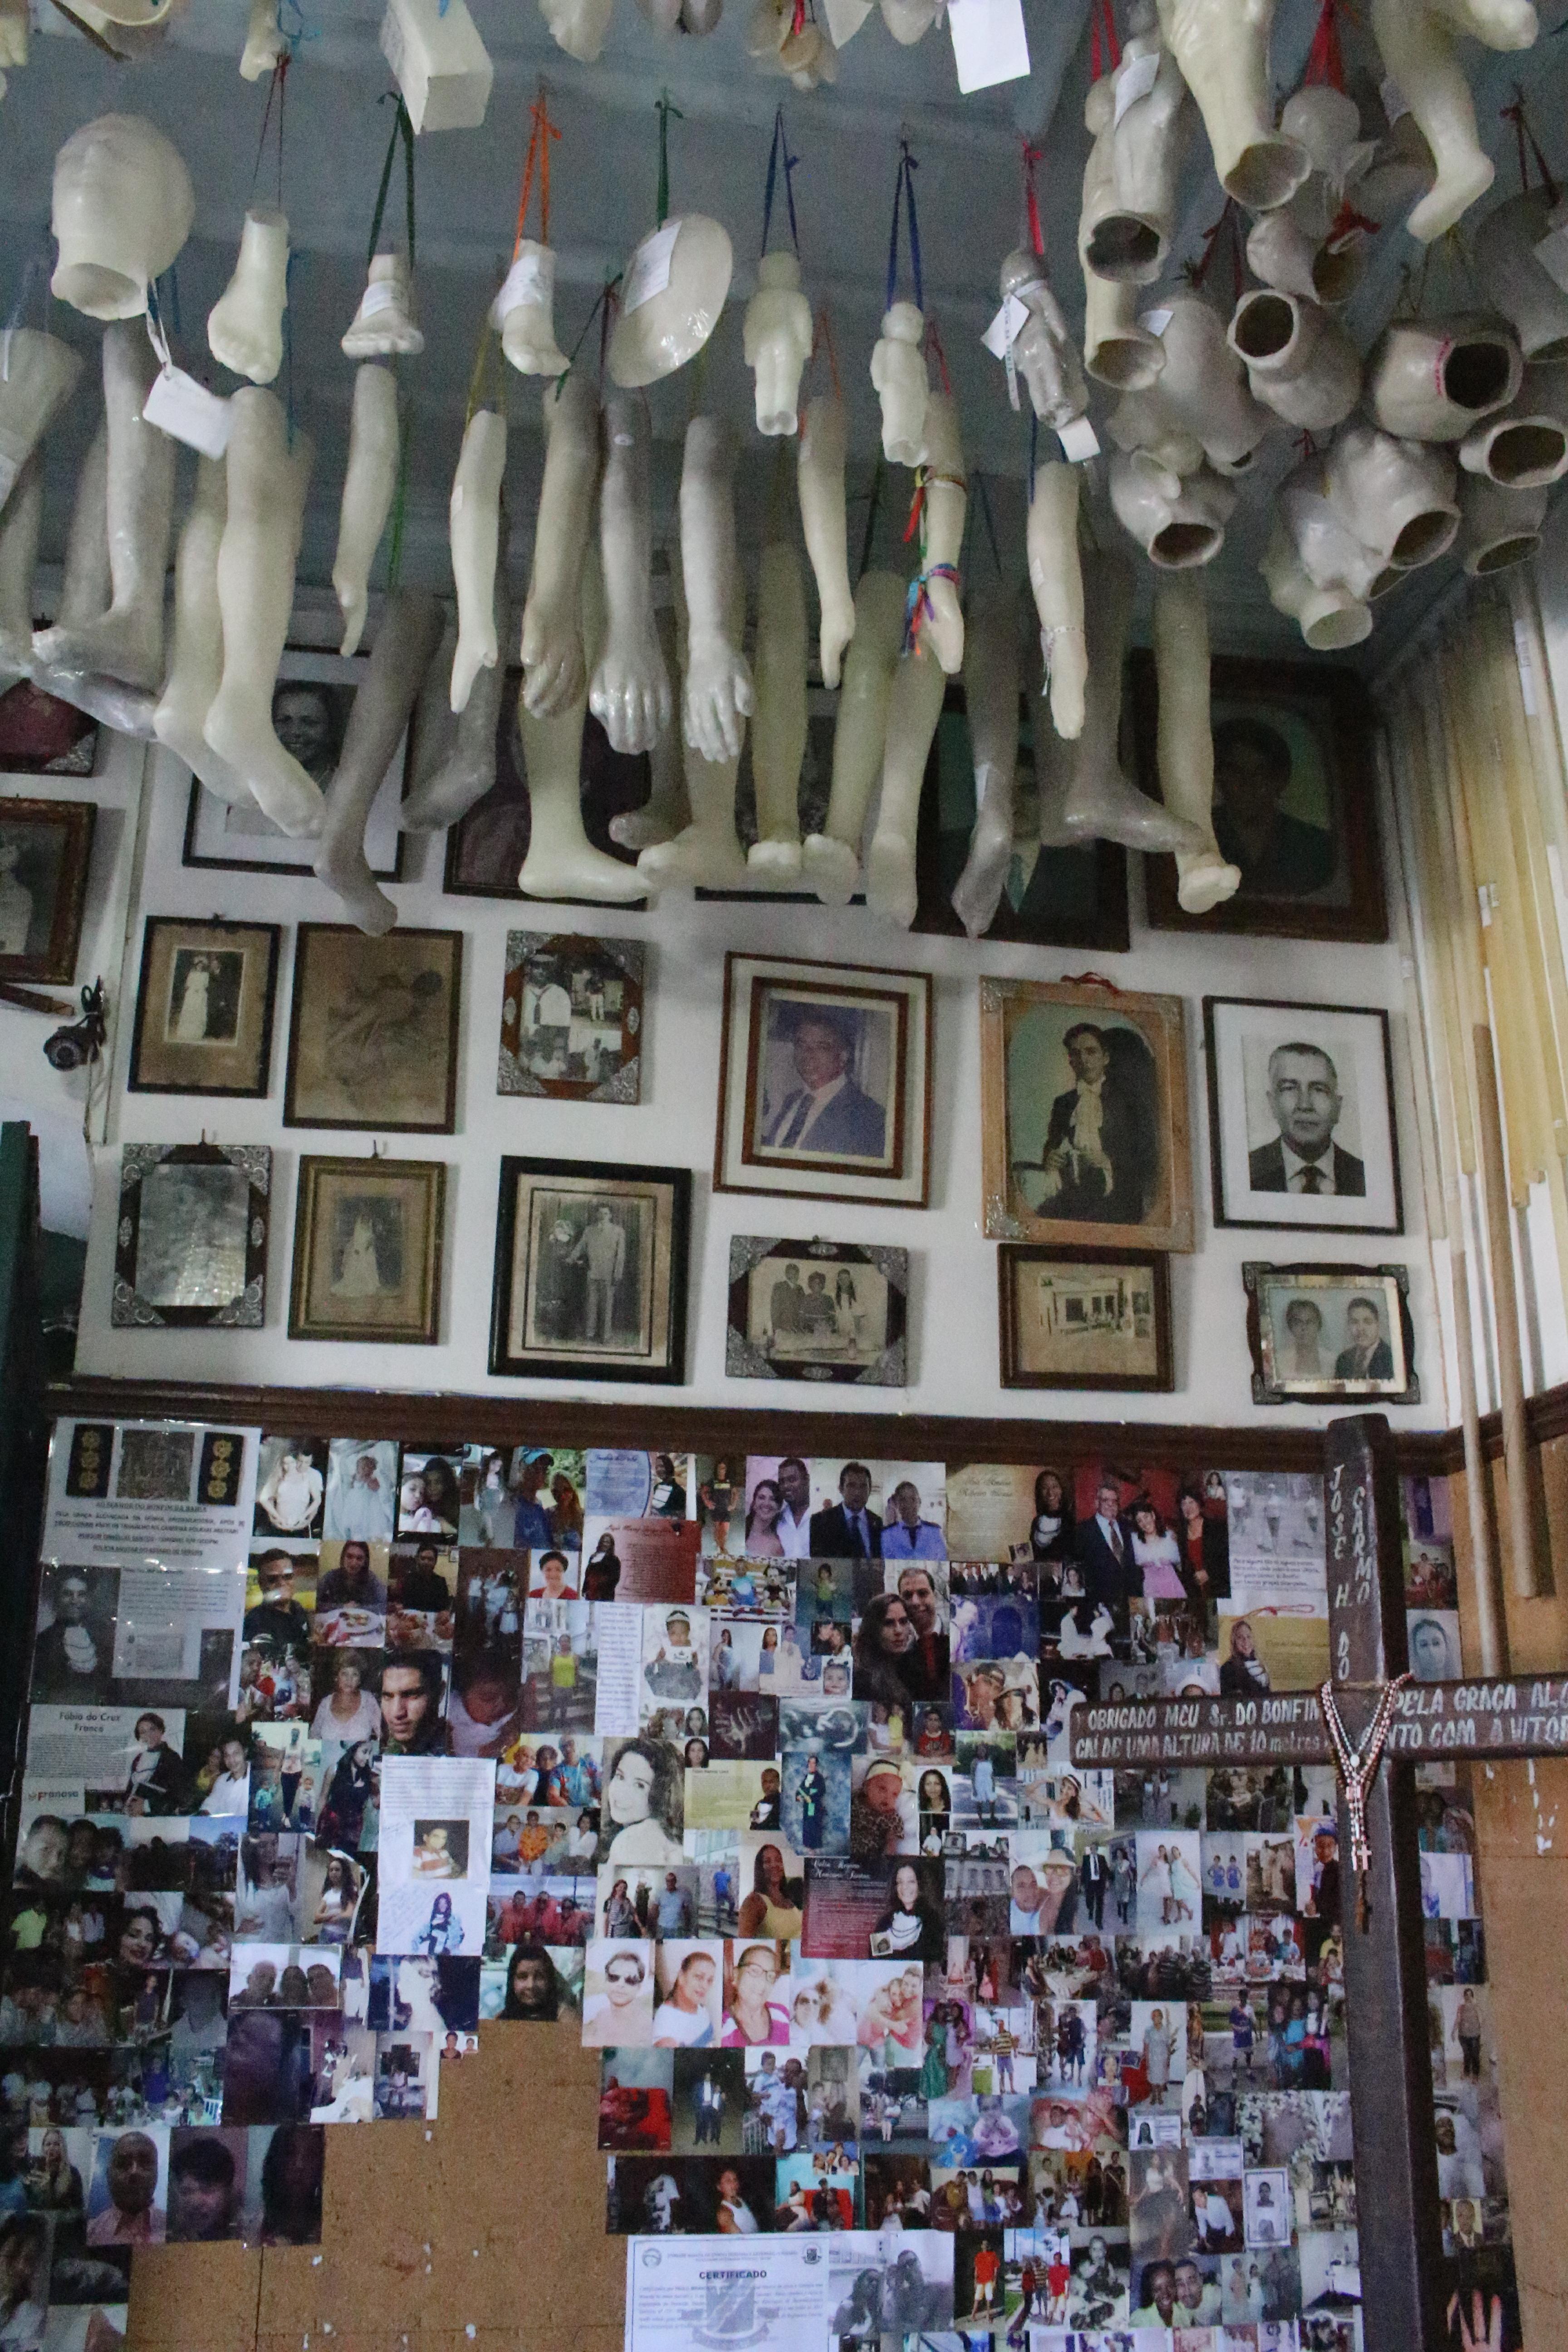 Sala dos milagres expõe histórias de fé e vida dos devotos